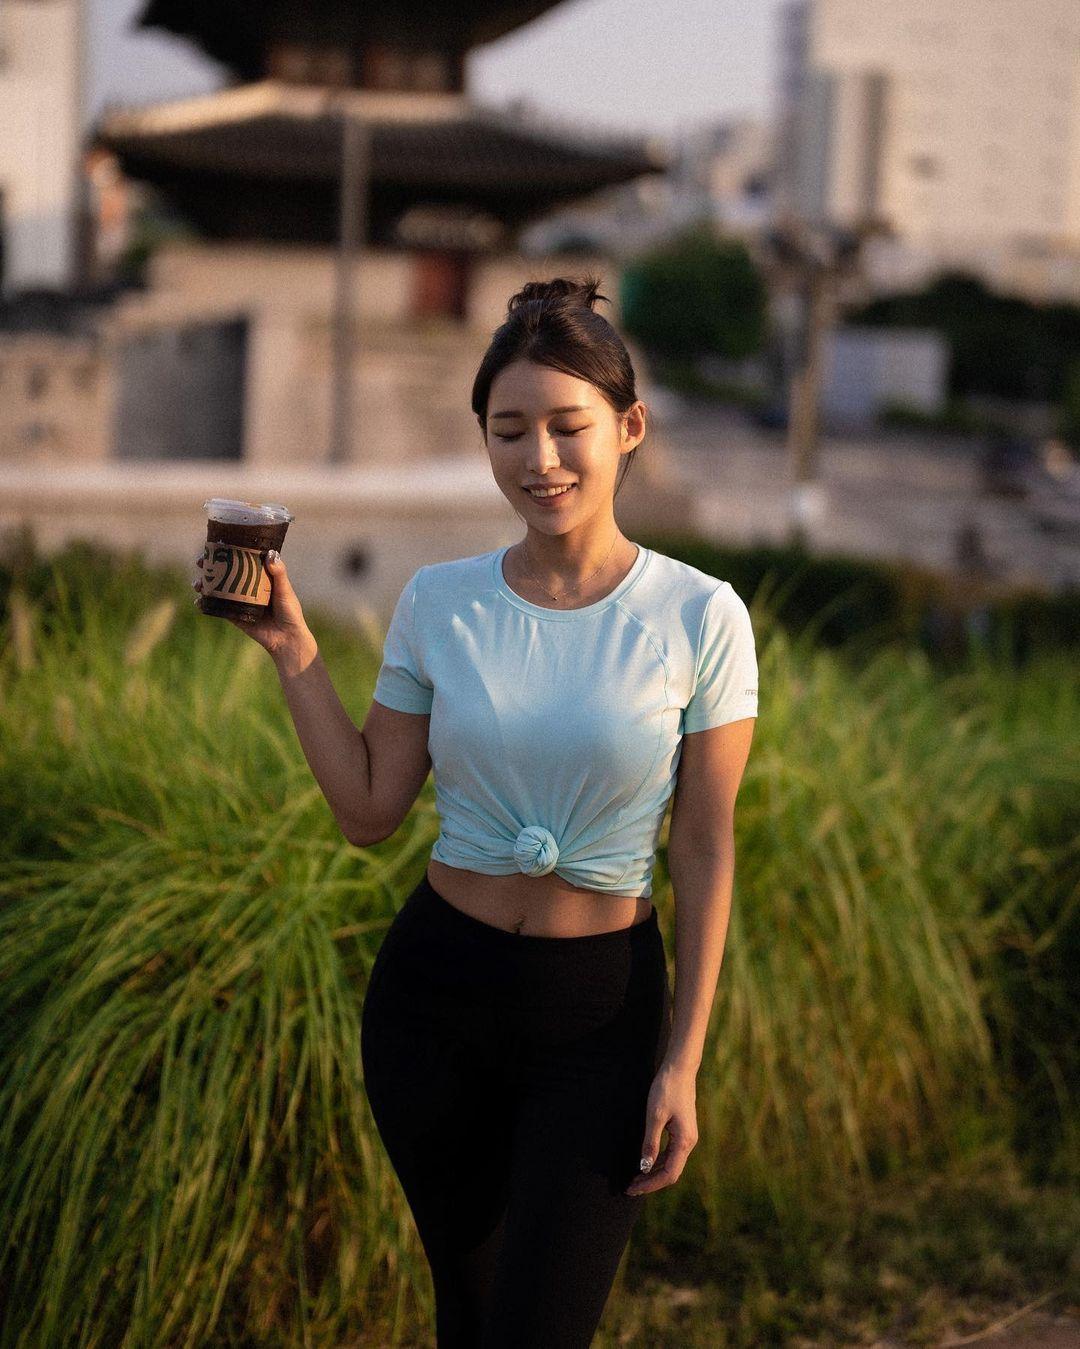 韩国高尔夫正妹Becky 狂吸 33 万粉丝好身材更让人心动 养眼图片 第22张